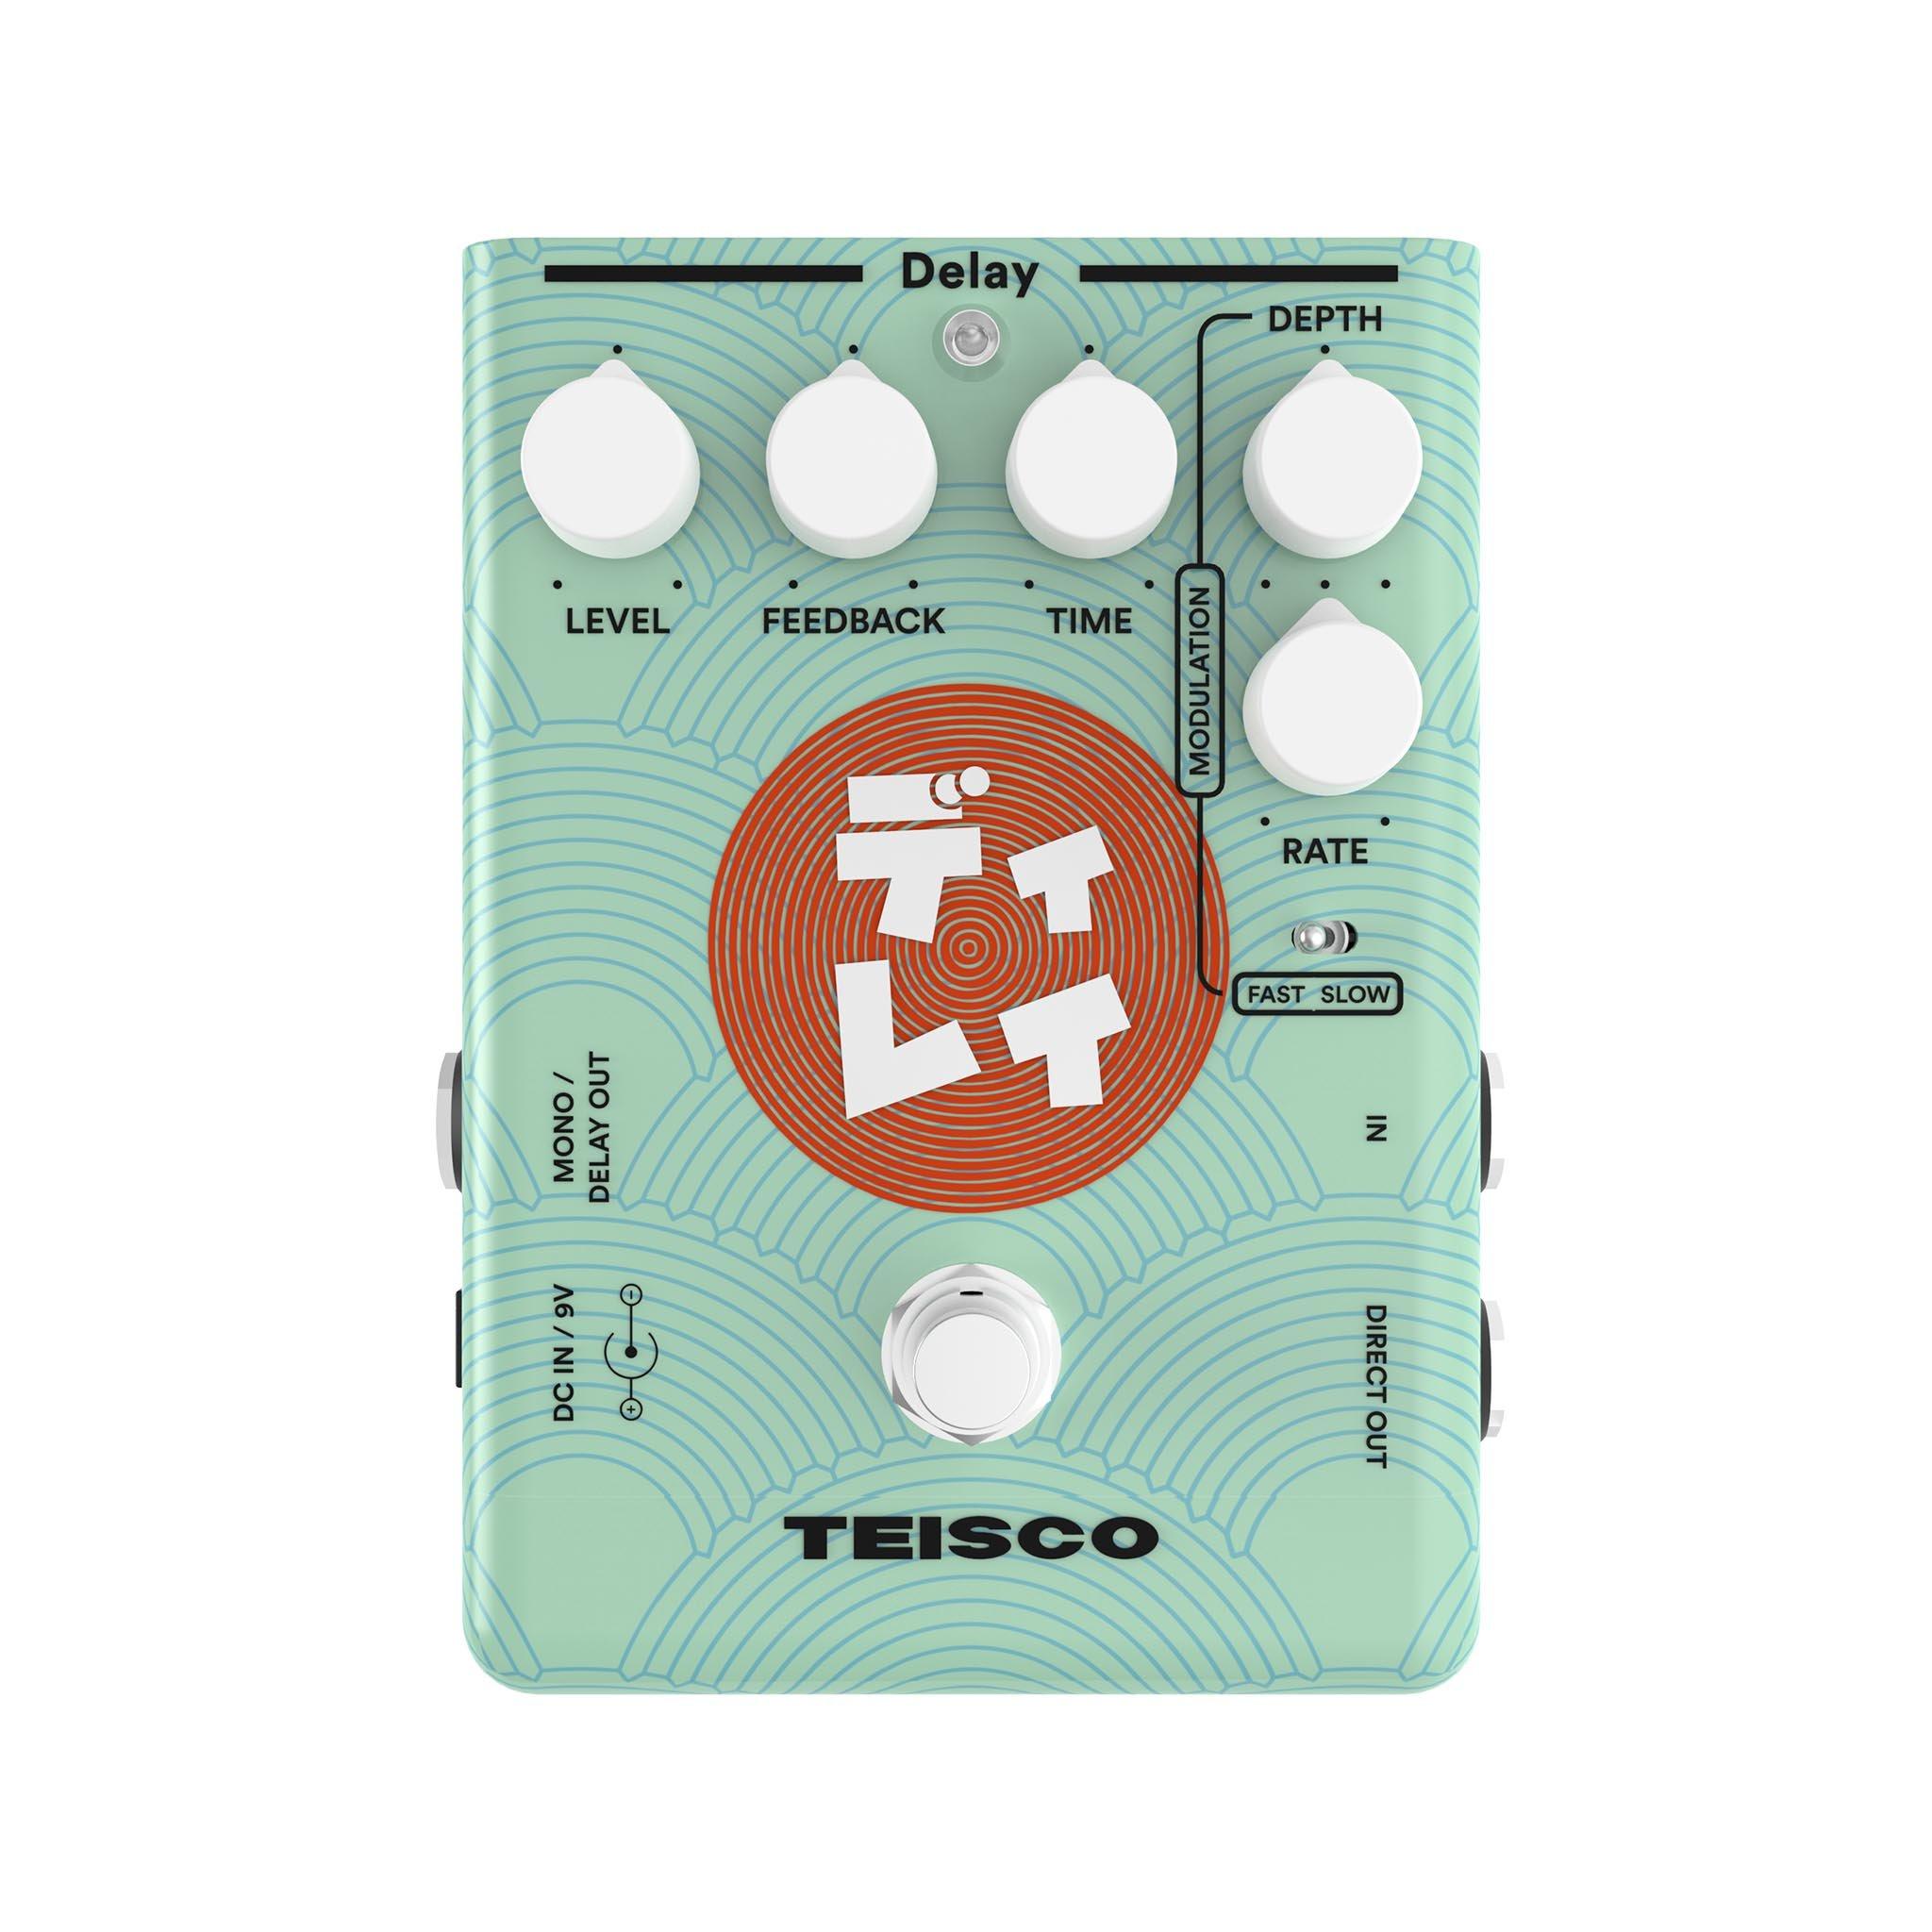 TSC-01102_1552355993184